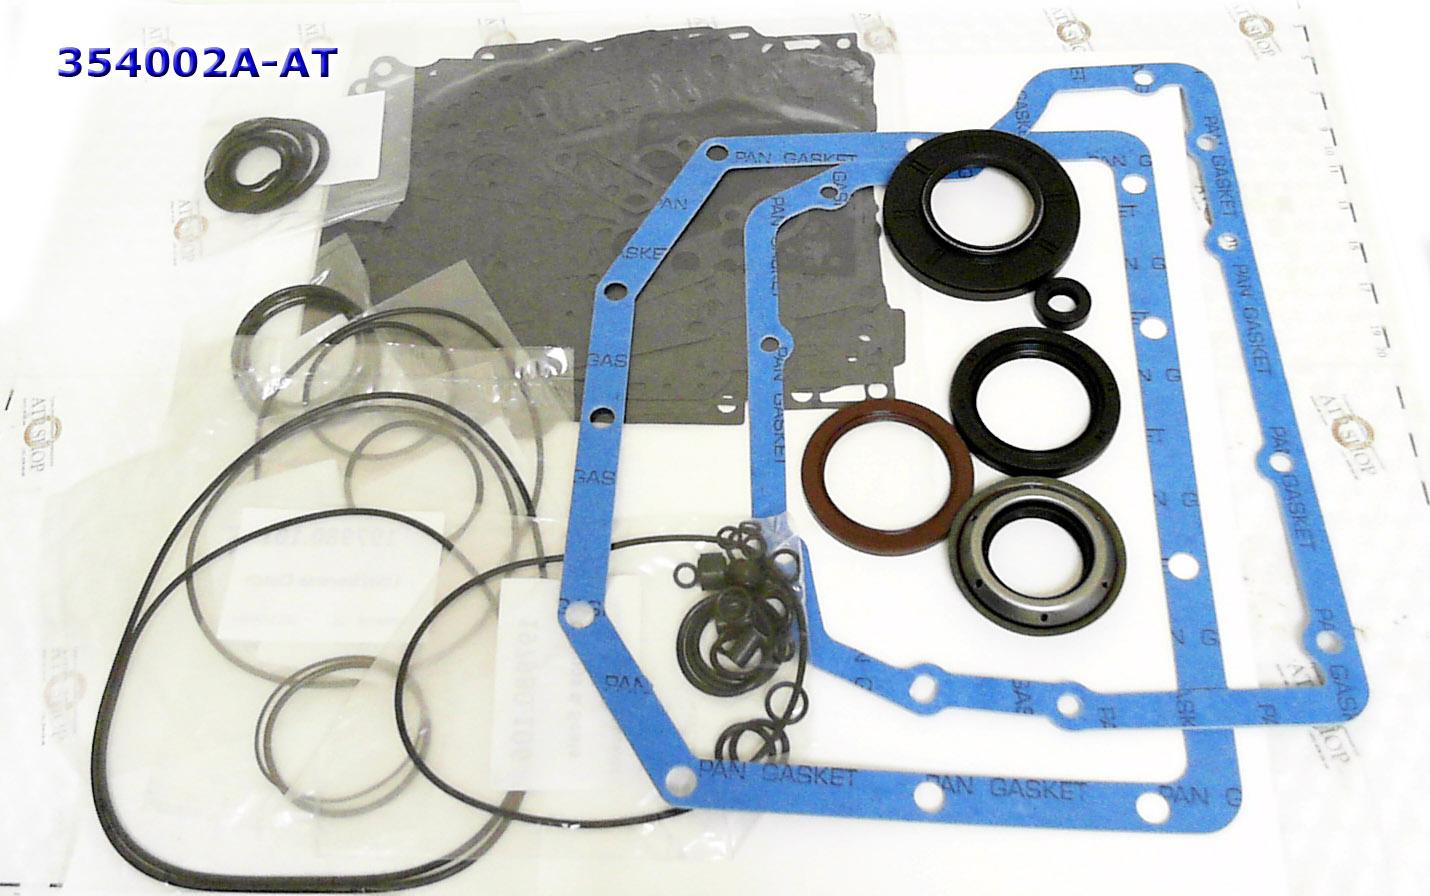 Ремкомплект\ Оверол кит\ Overhaul Kit), AWTF80SC/81SC/(AF21/AF40-6/AW6AEL)  на передний привод, нет сальников под раздаточную коробку, Ford/Mazda/Volvo/Opel/Saab, 2005-